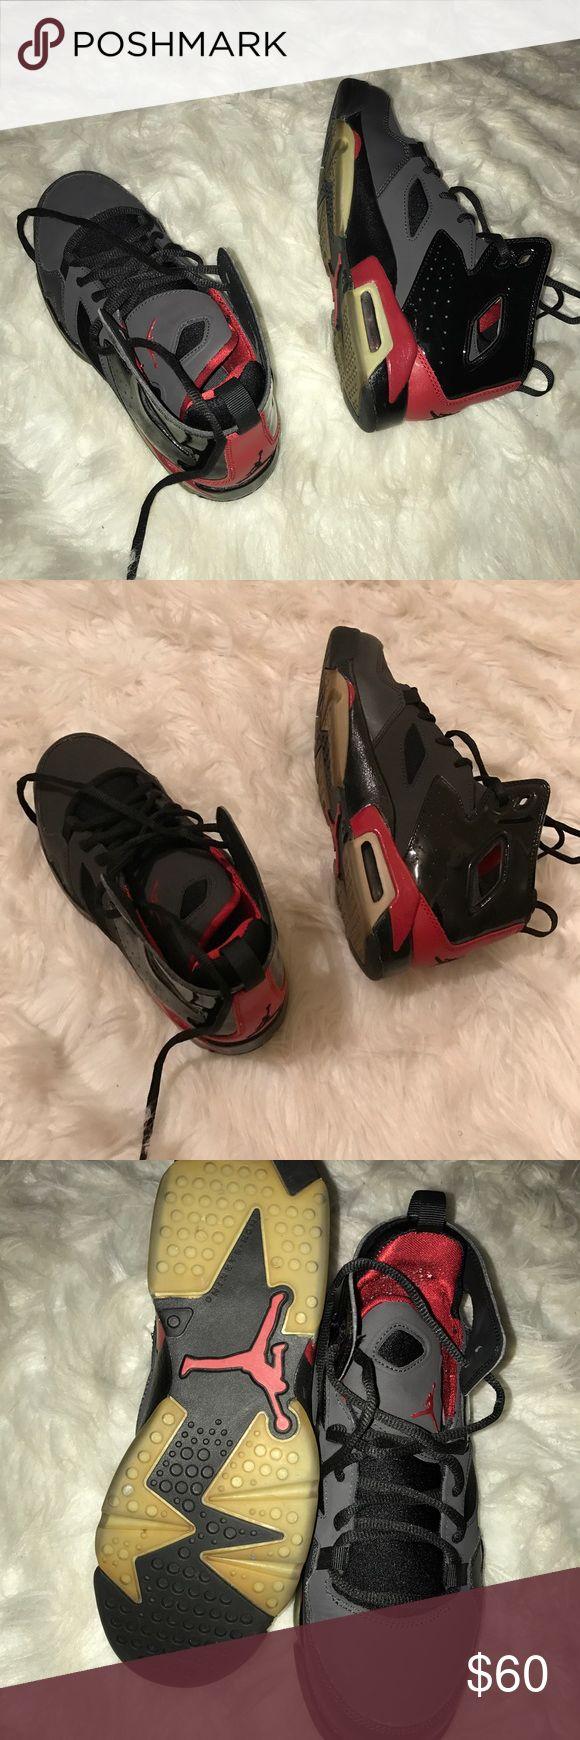 Jordan flights Jordan flight club 91'  Black/red shoe  Black shoe strings   Size 5.5y (women size 7) Jordan Shoes Sneakers